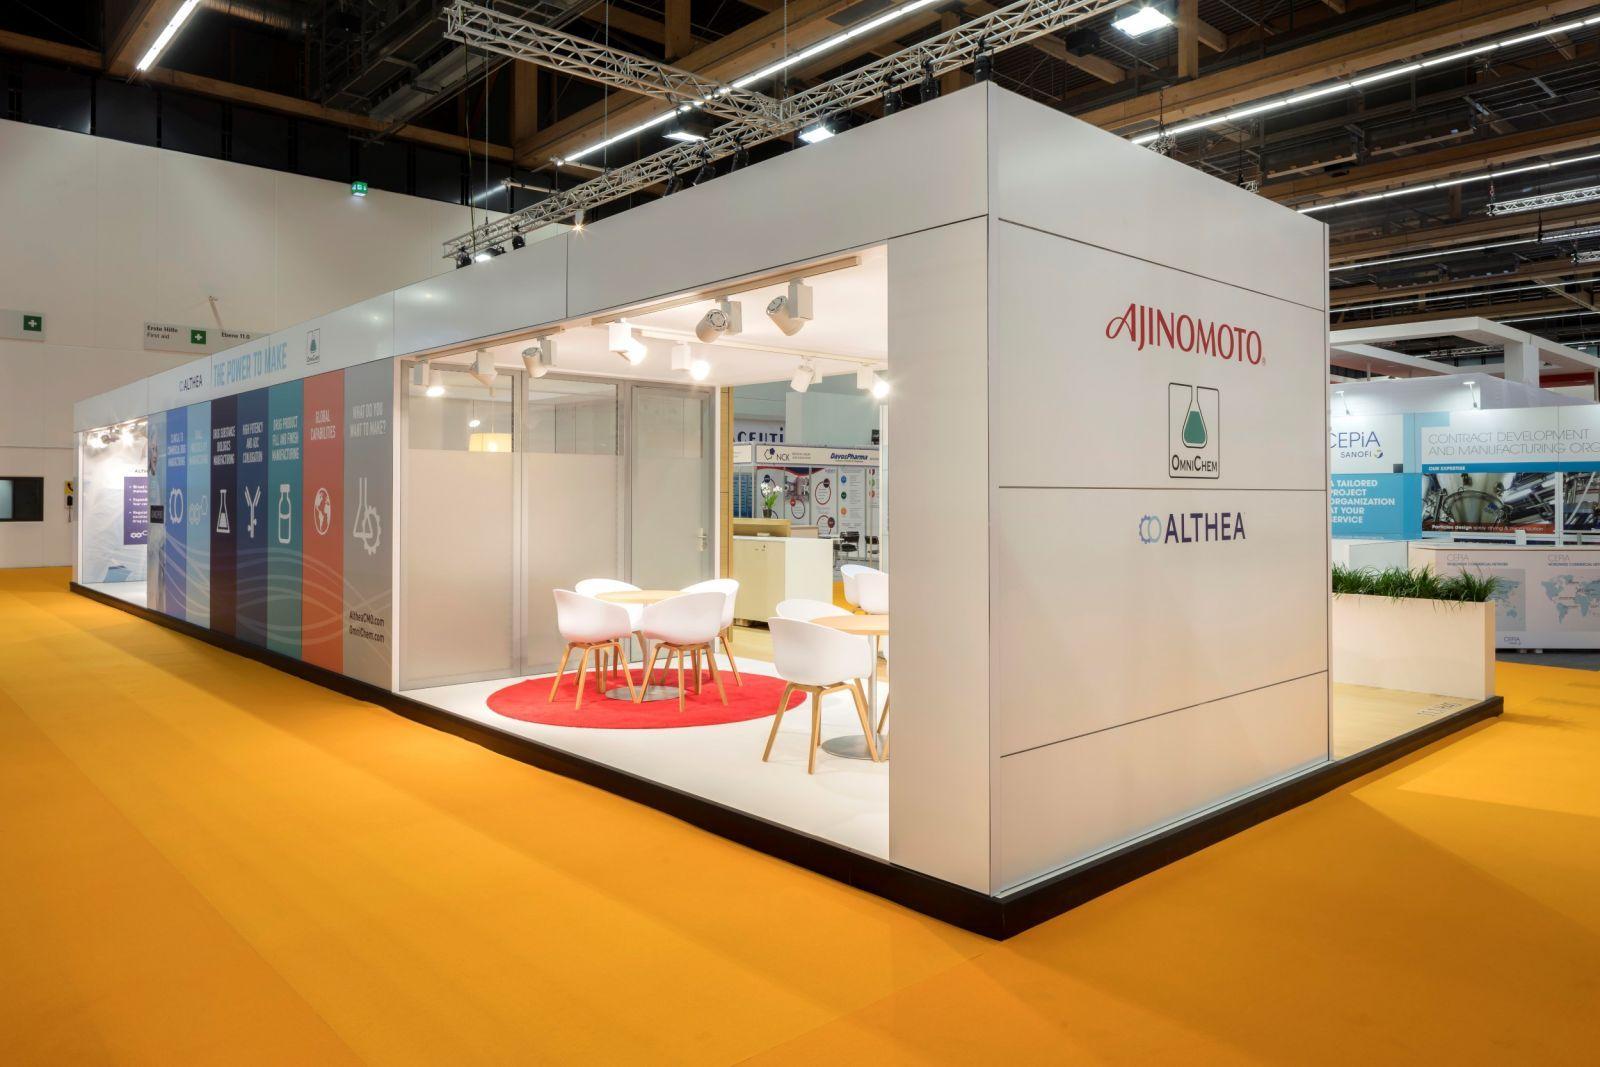 اصول ساخت و طراحی غرفه نمایشگاهی